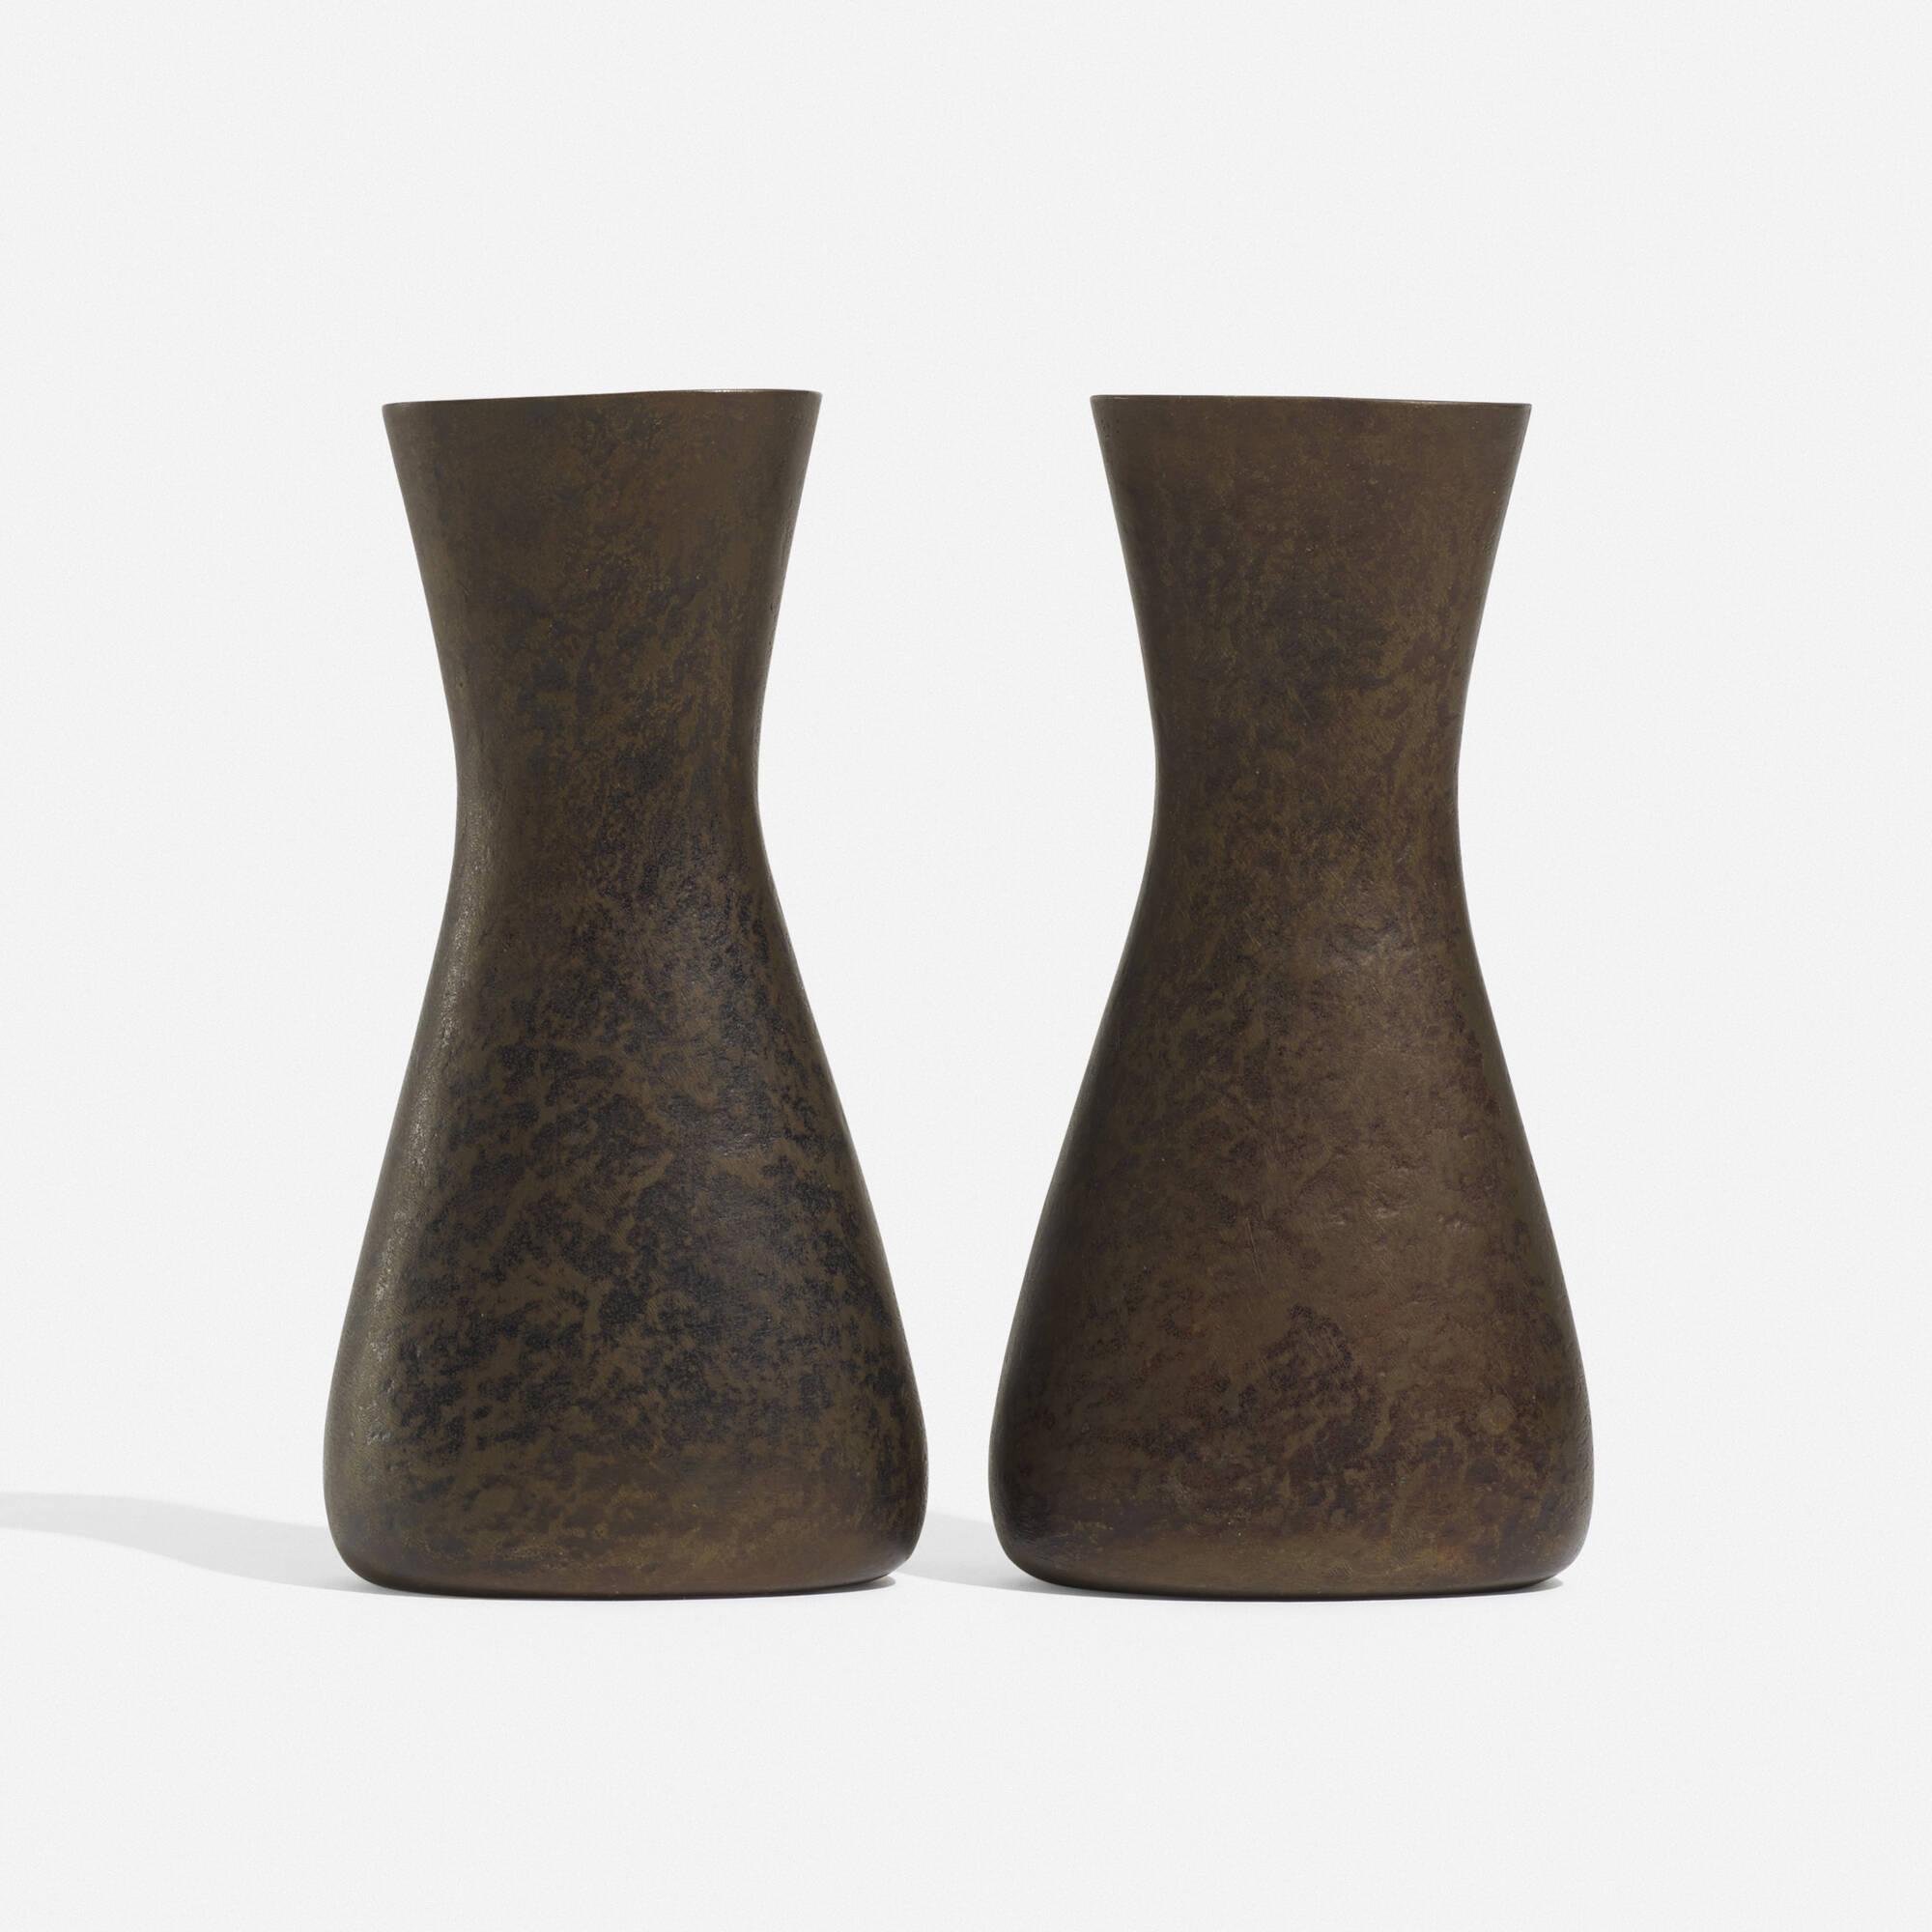 113: Carl Auböck II / vases, pair (1 of 2)